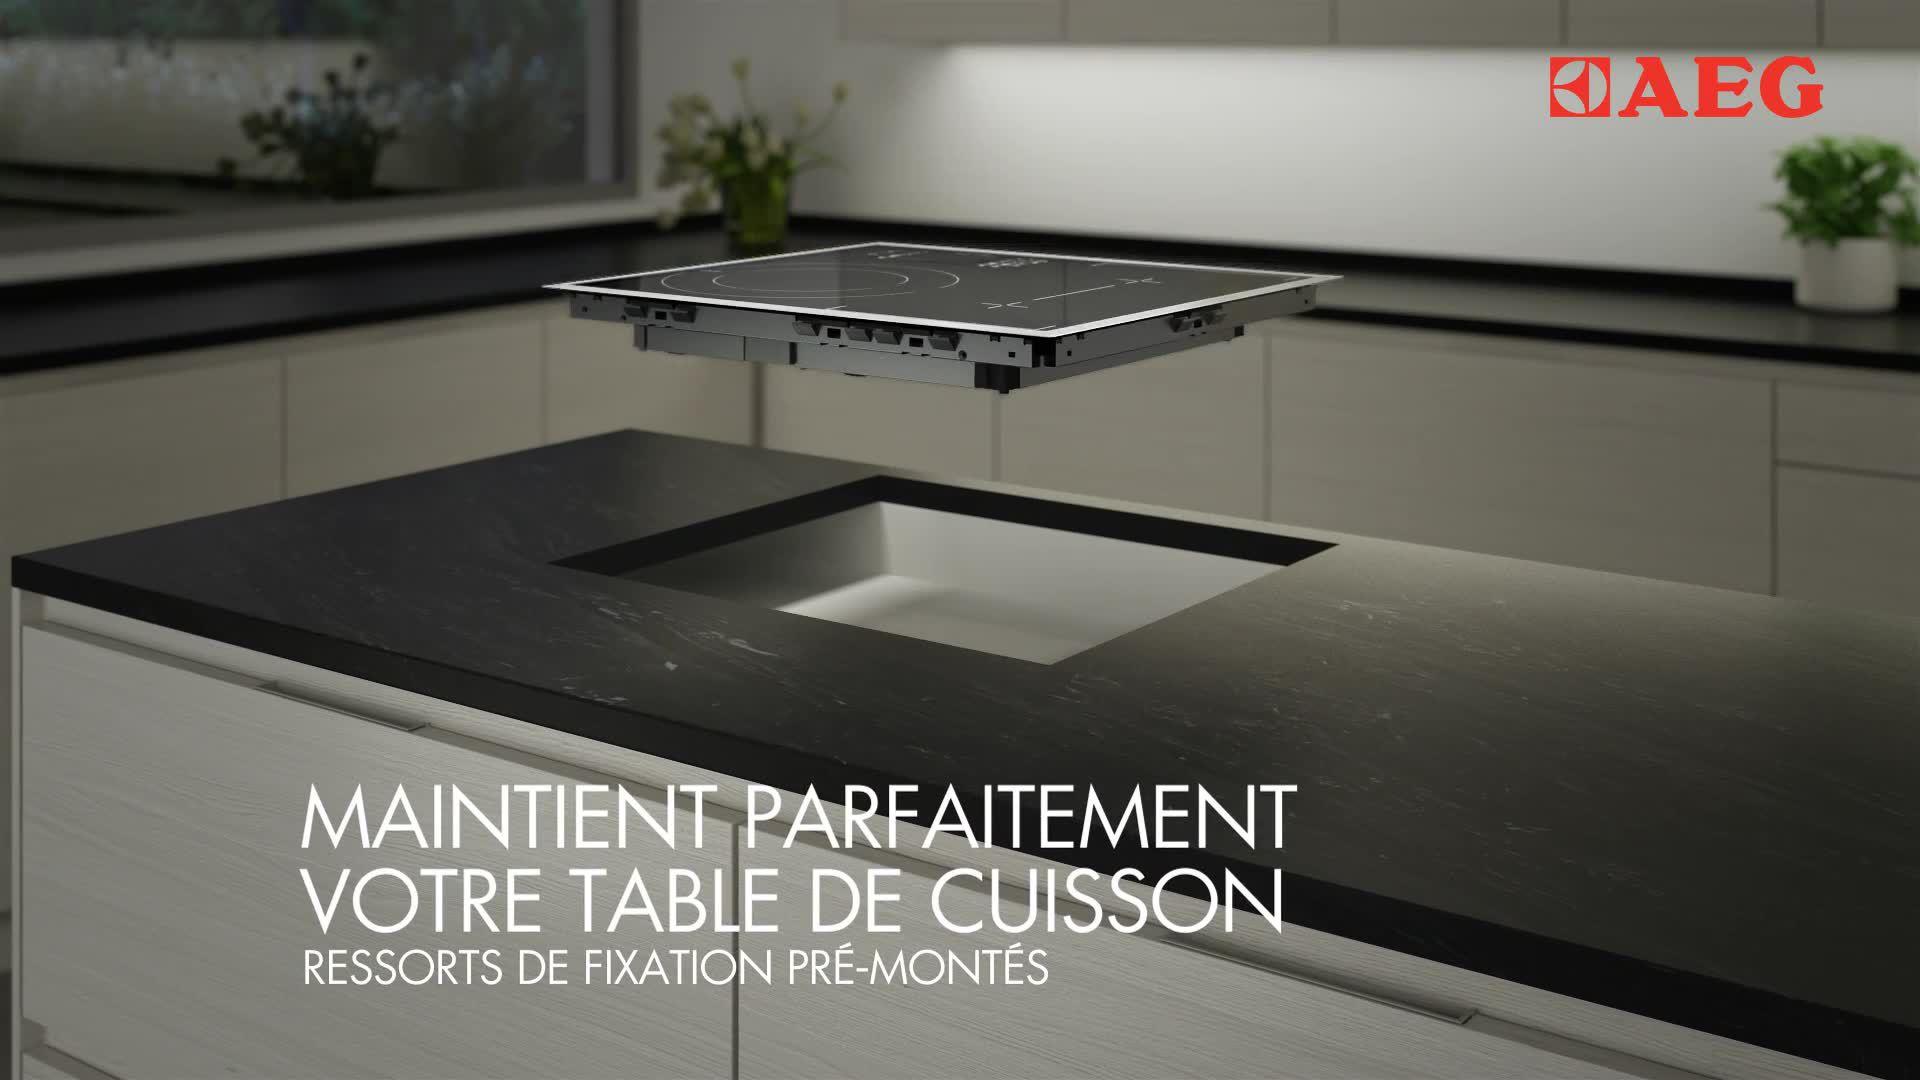 Comparatif Plaque Mixte Induction Gaz table mixte induction gaz aeg hd634170nb